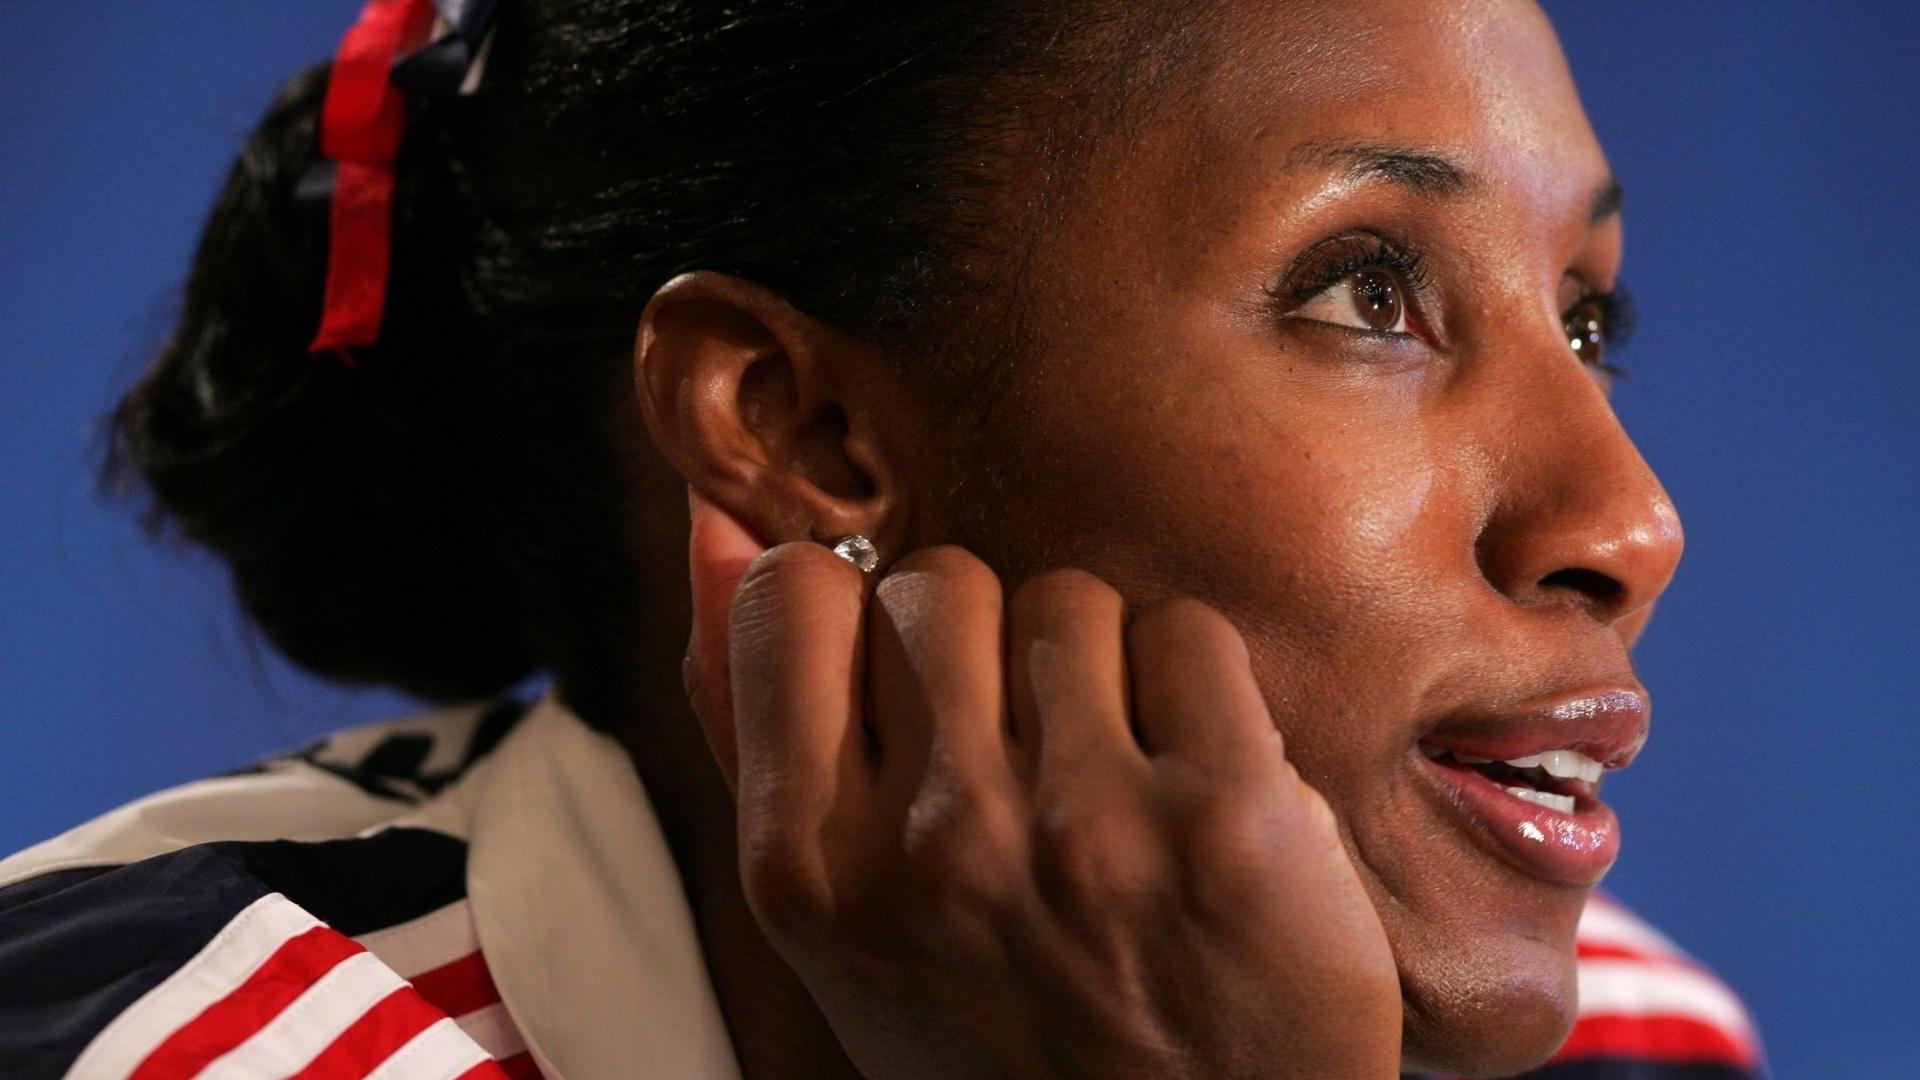 Lisa Leslie, jogadora de basquete dos EUA, durante uma coletiva de imprensa nos Jogos Olímpicos de Atenas, em 2004